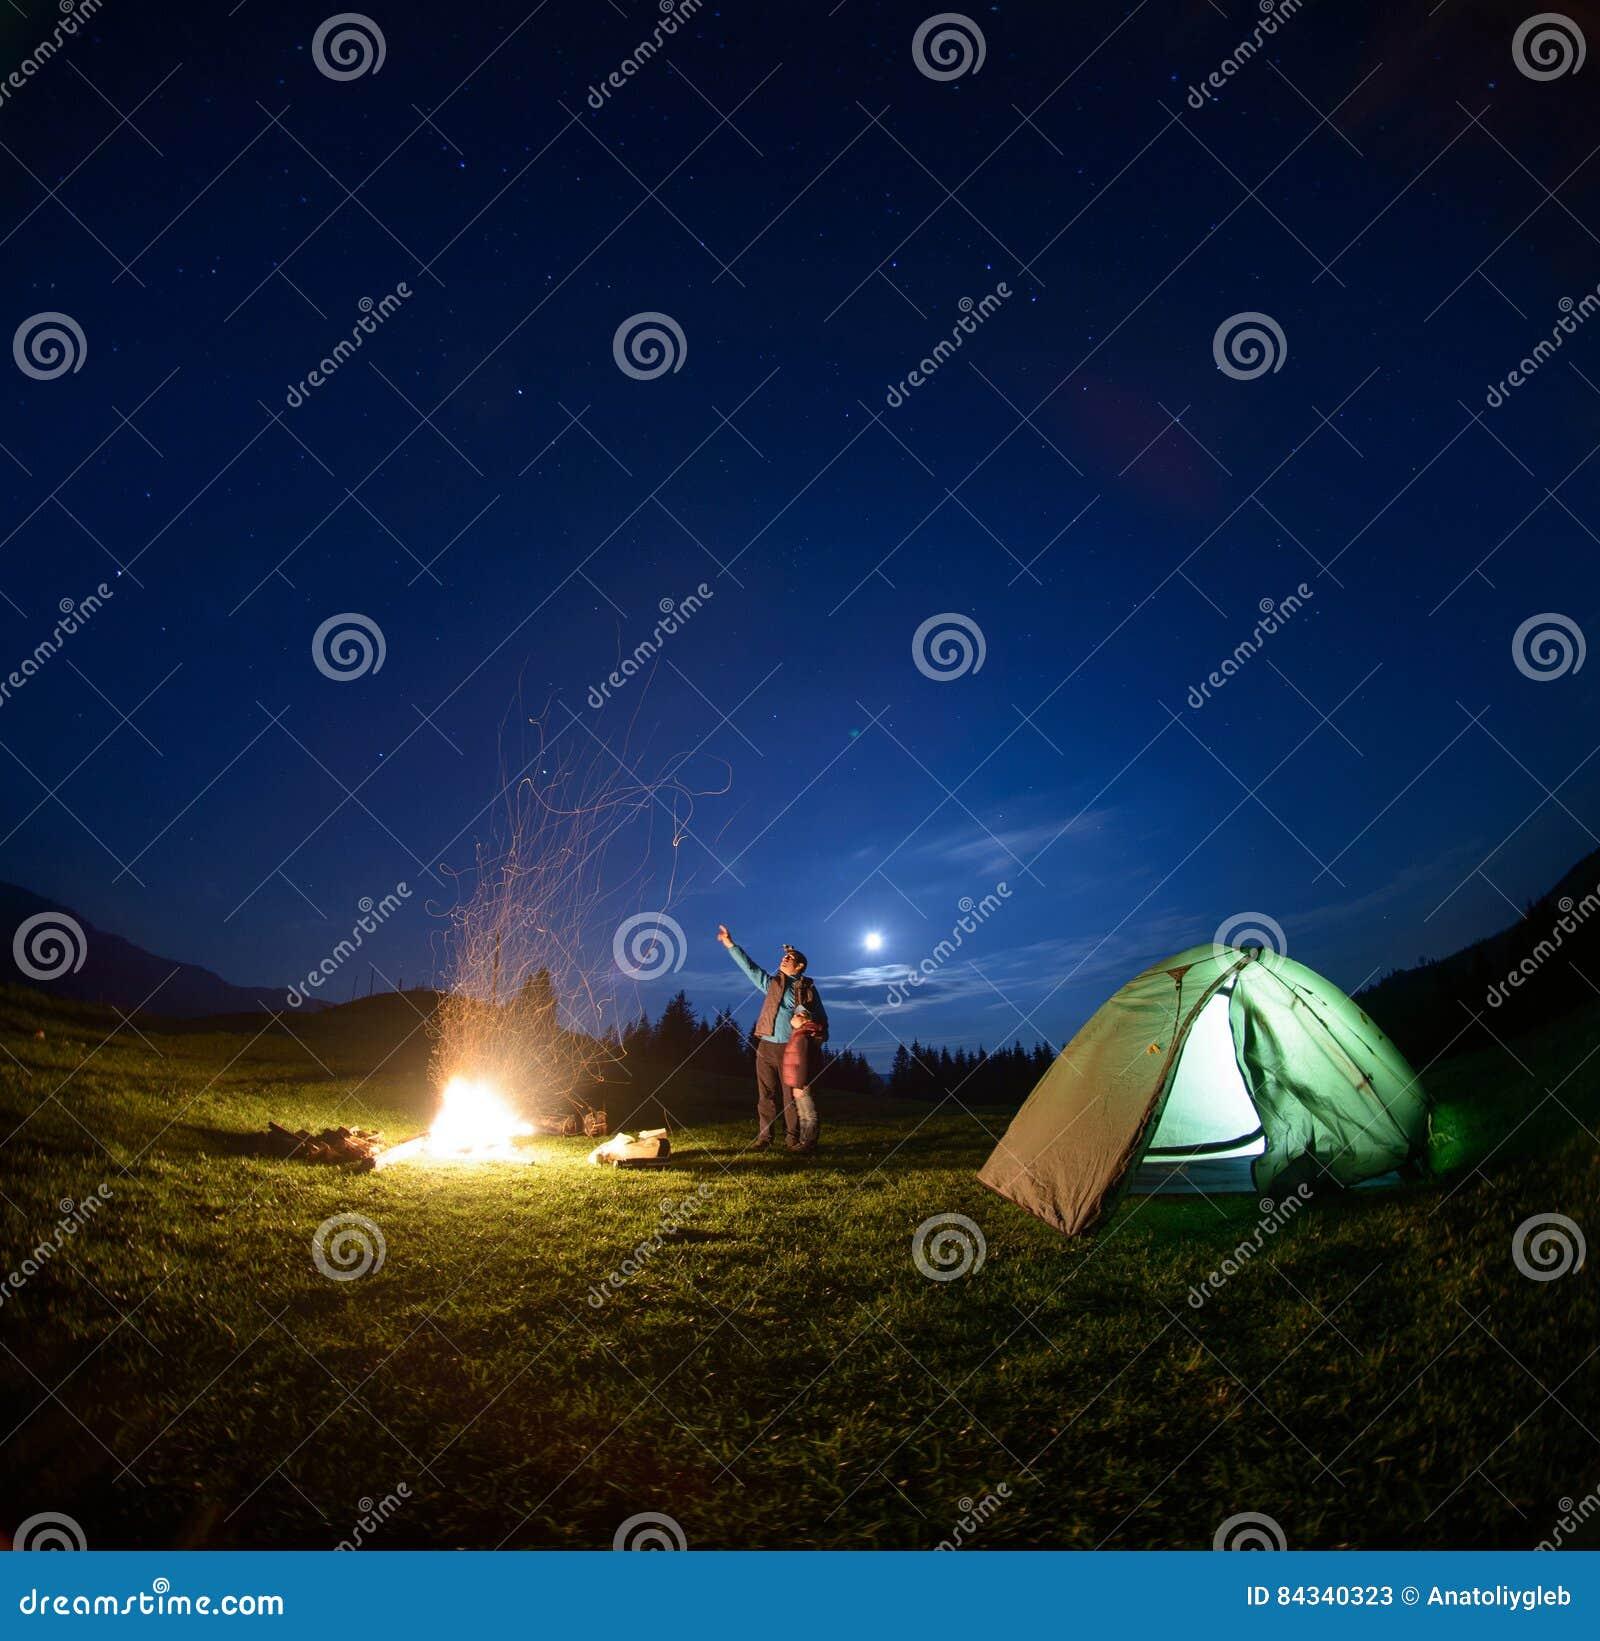 Πατέρας και γιος κοντά στην πυρά προσκόπων και σκηνή κάτω από το νυχτερινό ουρανό